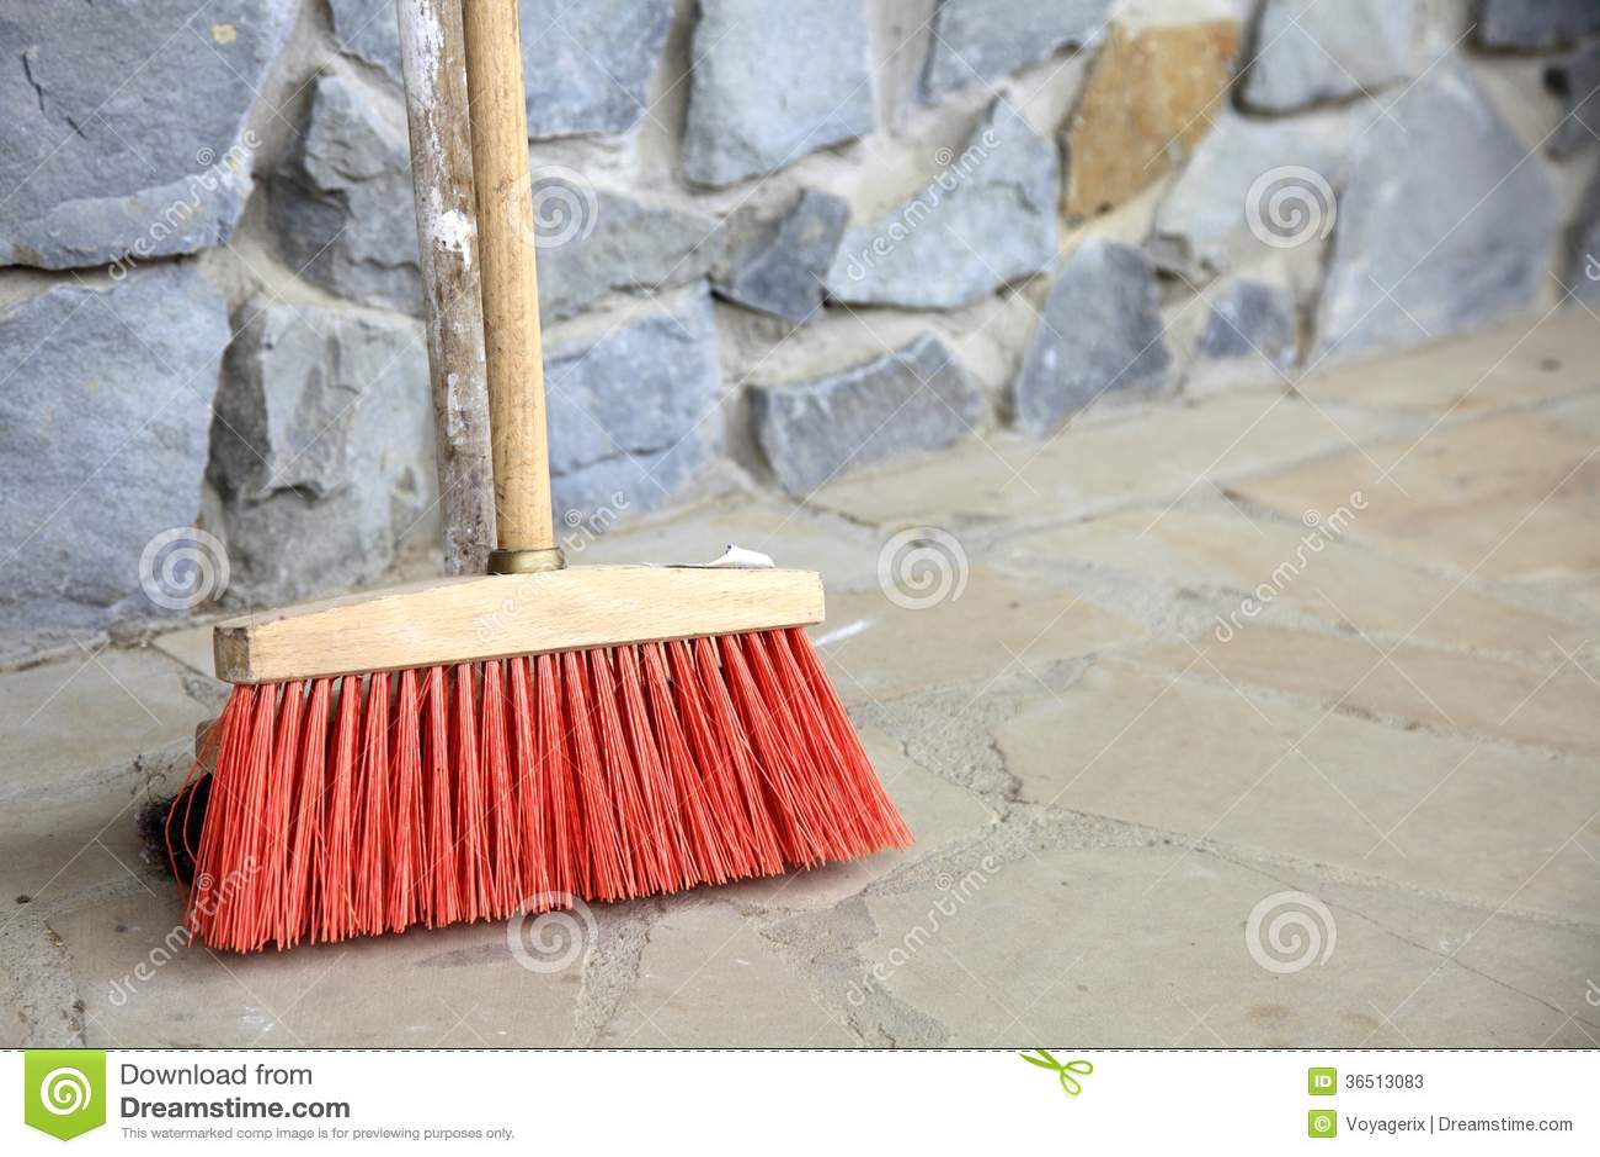 Grand balai sur le mur extérieur - les travaux domestiques